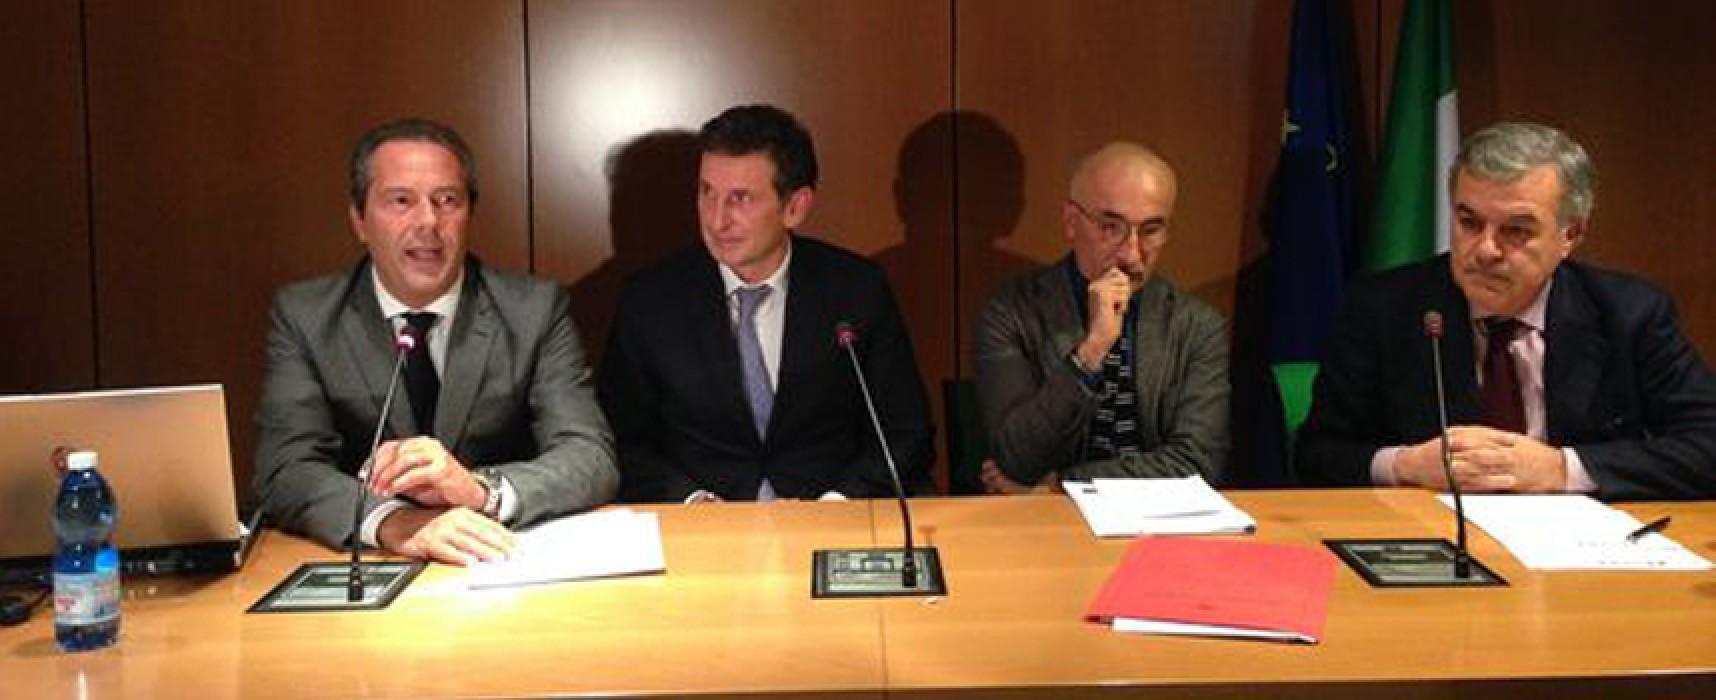 Rigenerazione coste, Politecnico di Bari e Univeristà di Chieti firmano il protocollo